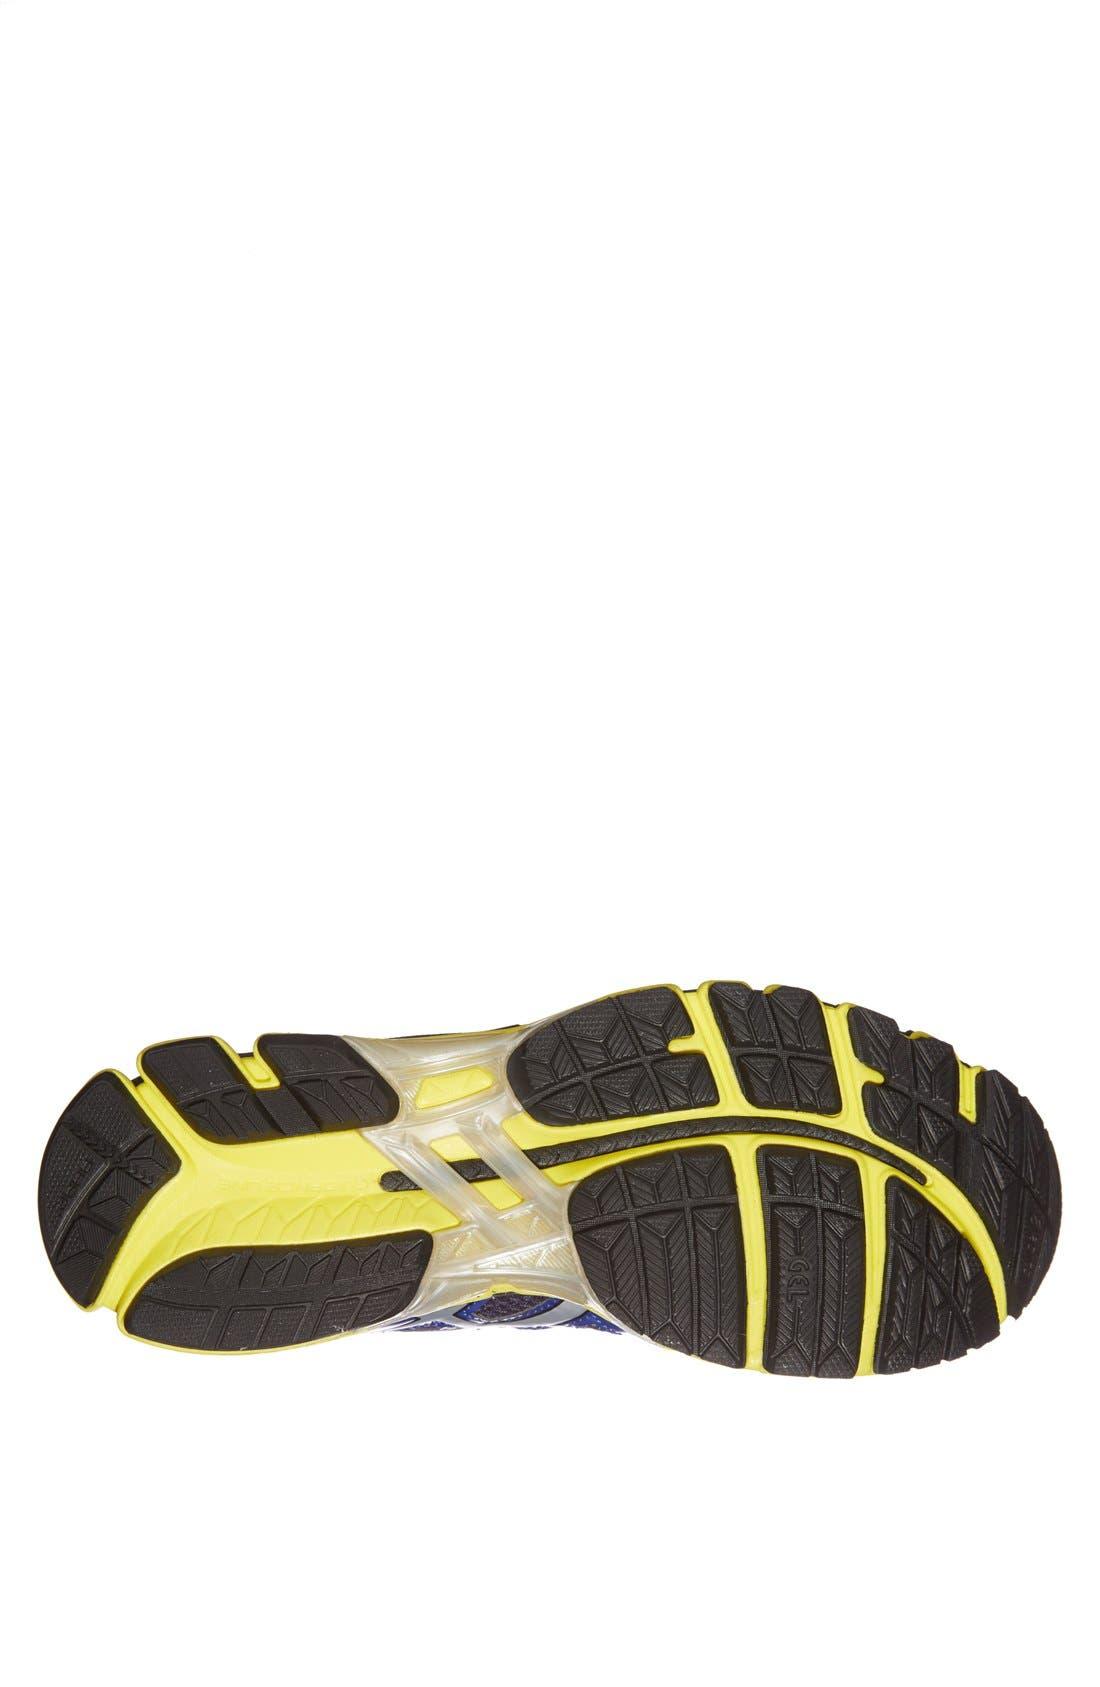 Alternate Image 4  - ASICS® 'GEL-Kayano® 20 Lite' Running Shoe (Men)